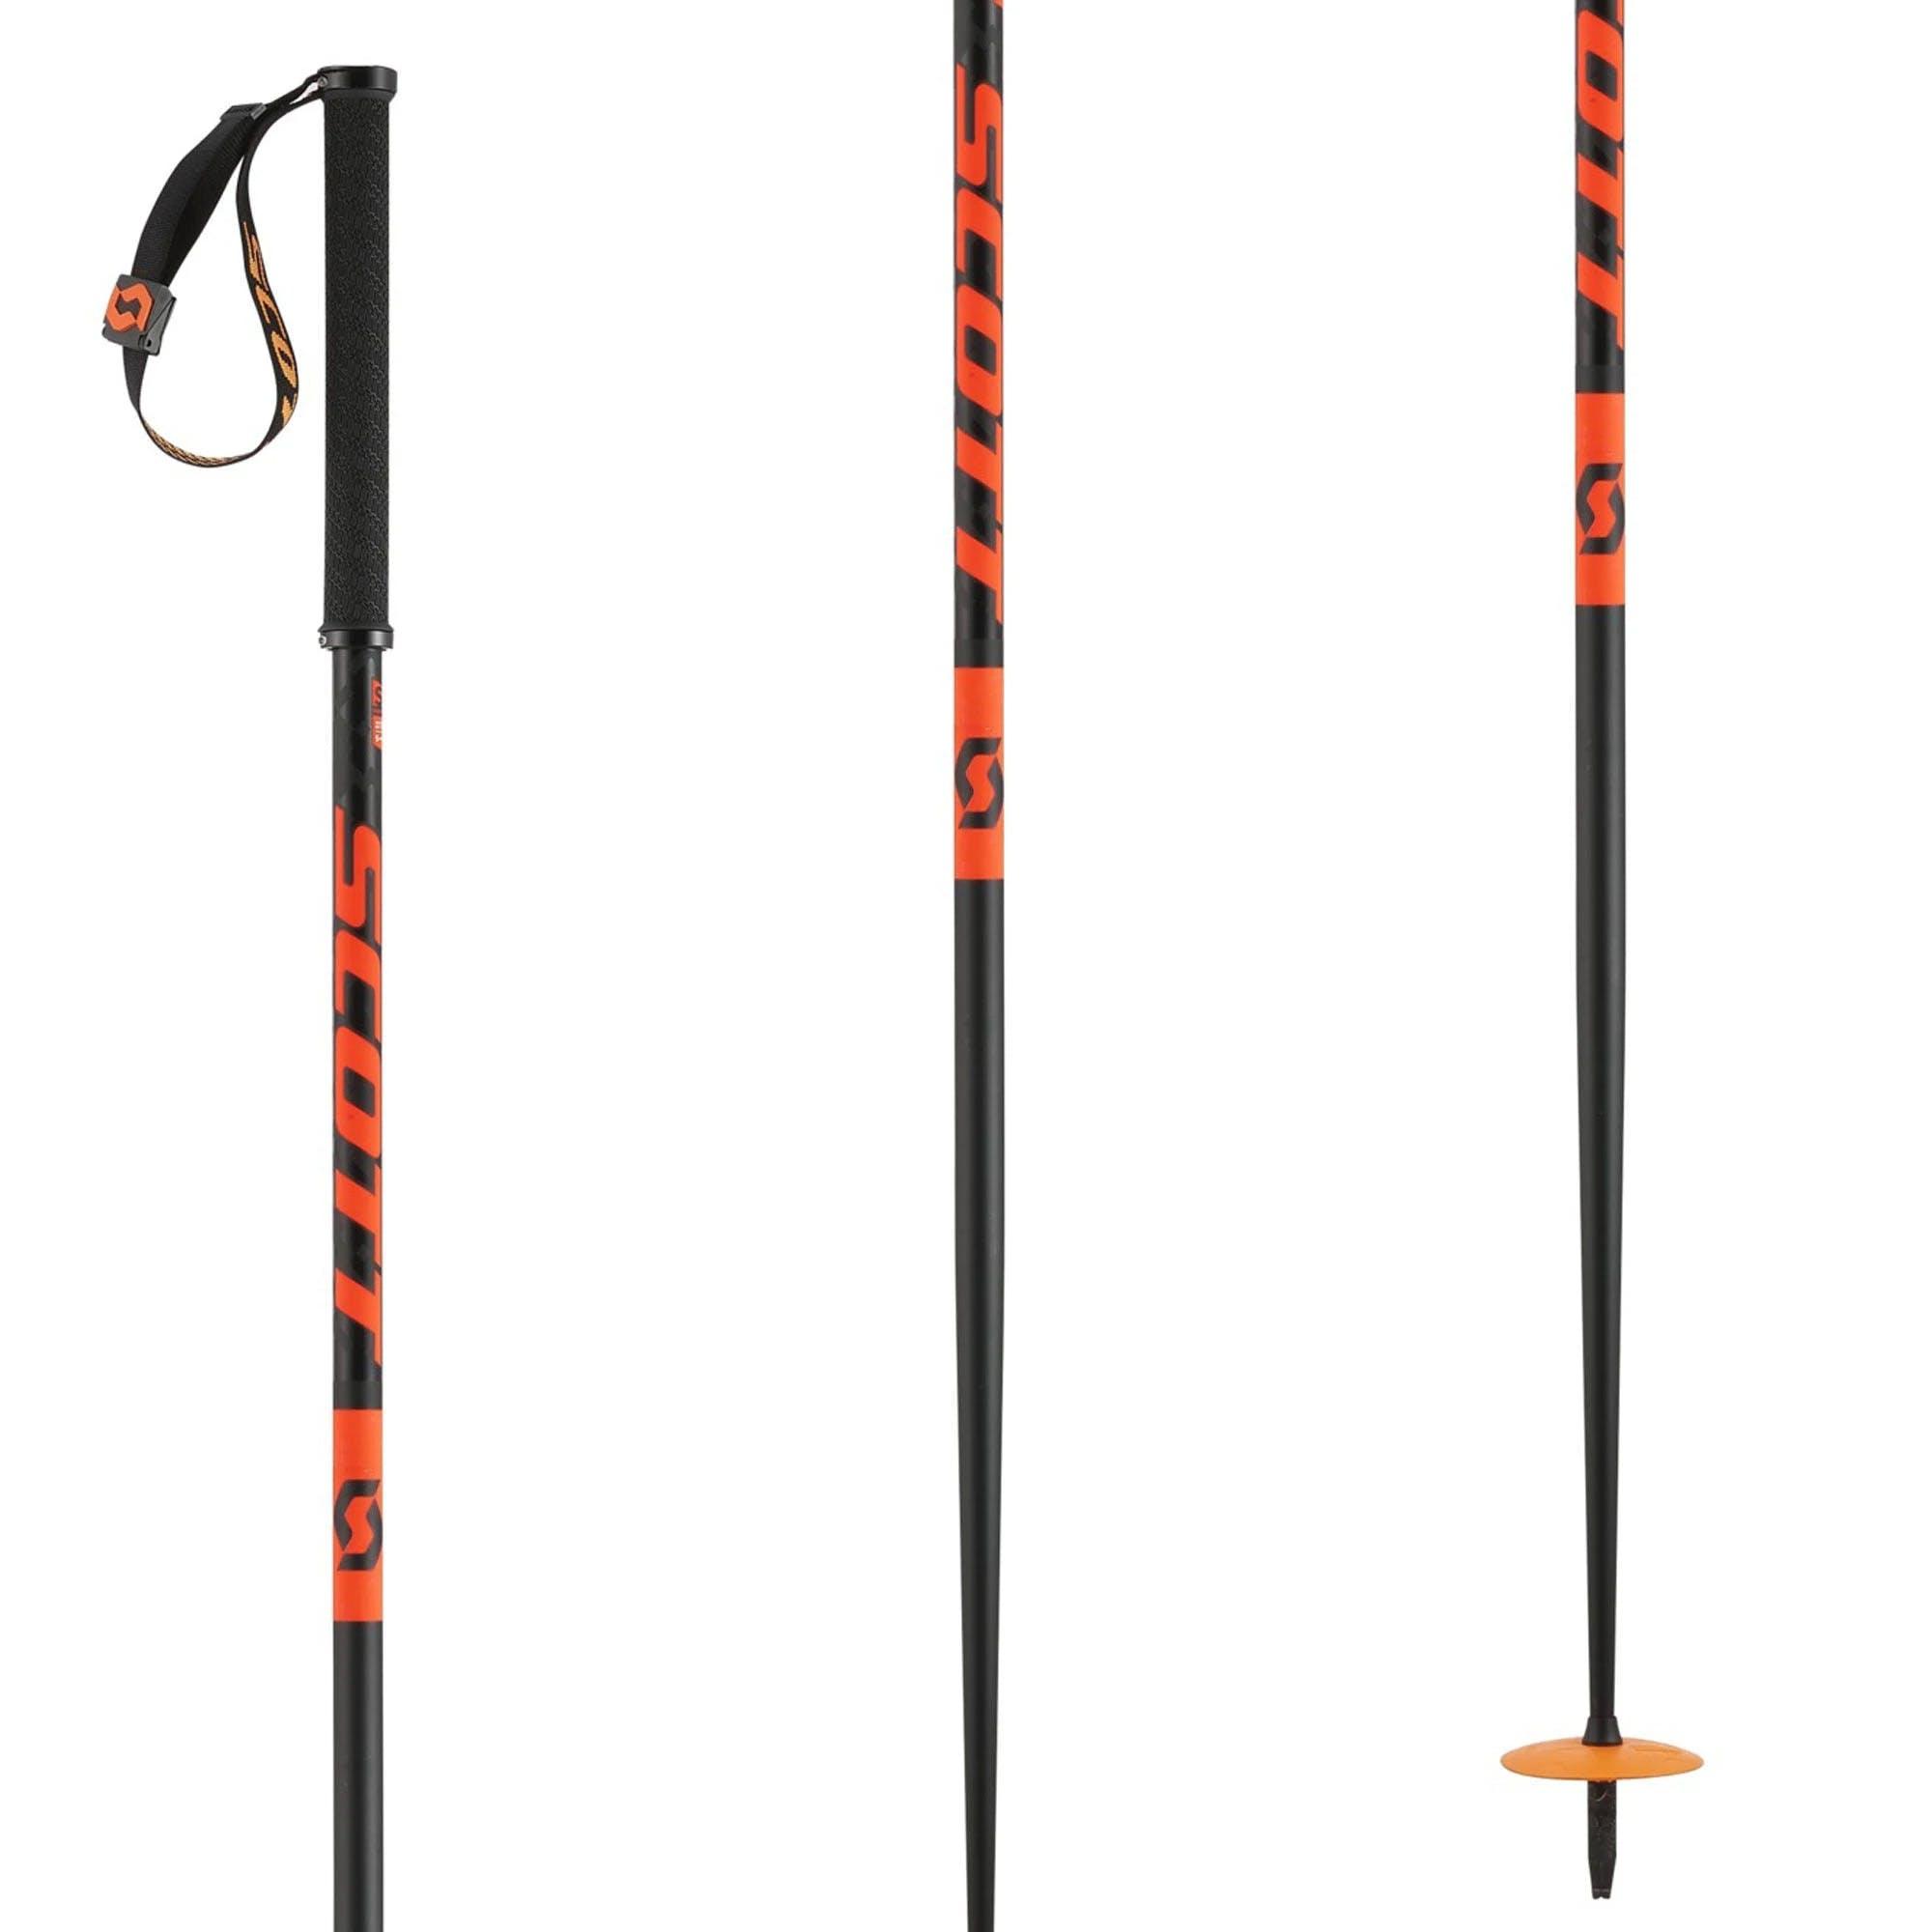 Scott Riot Ski Poles